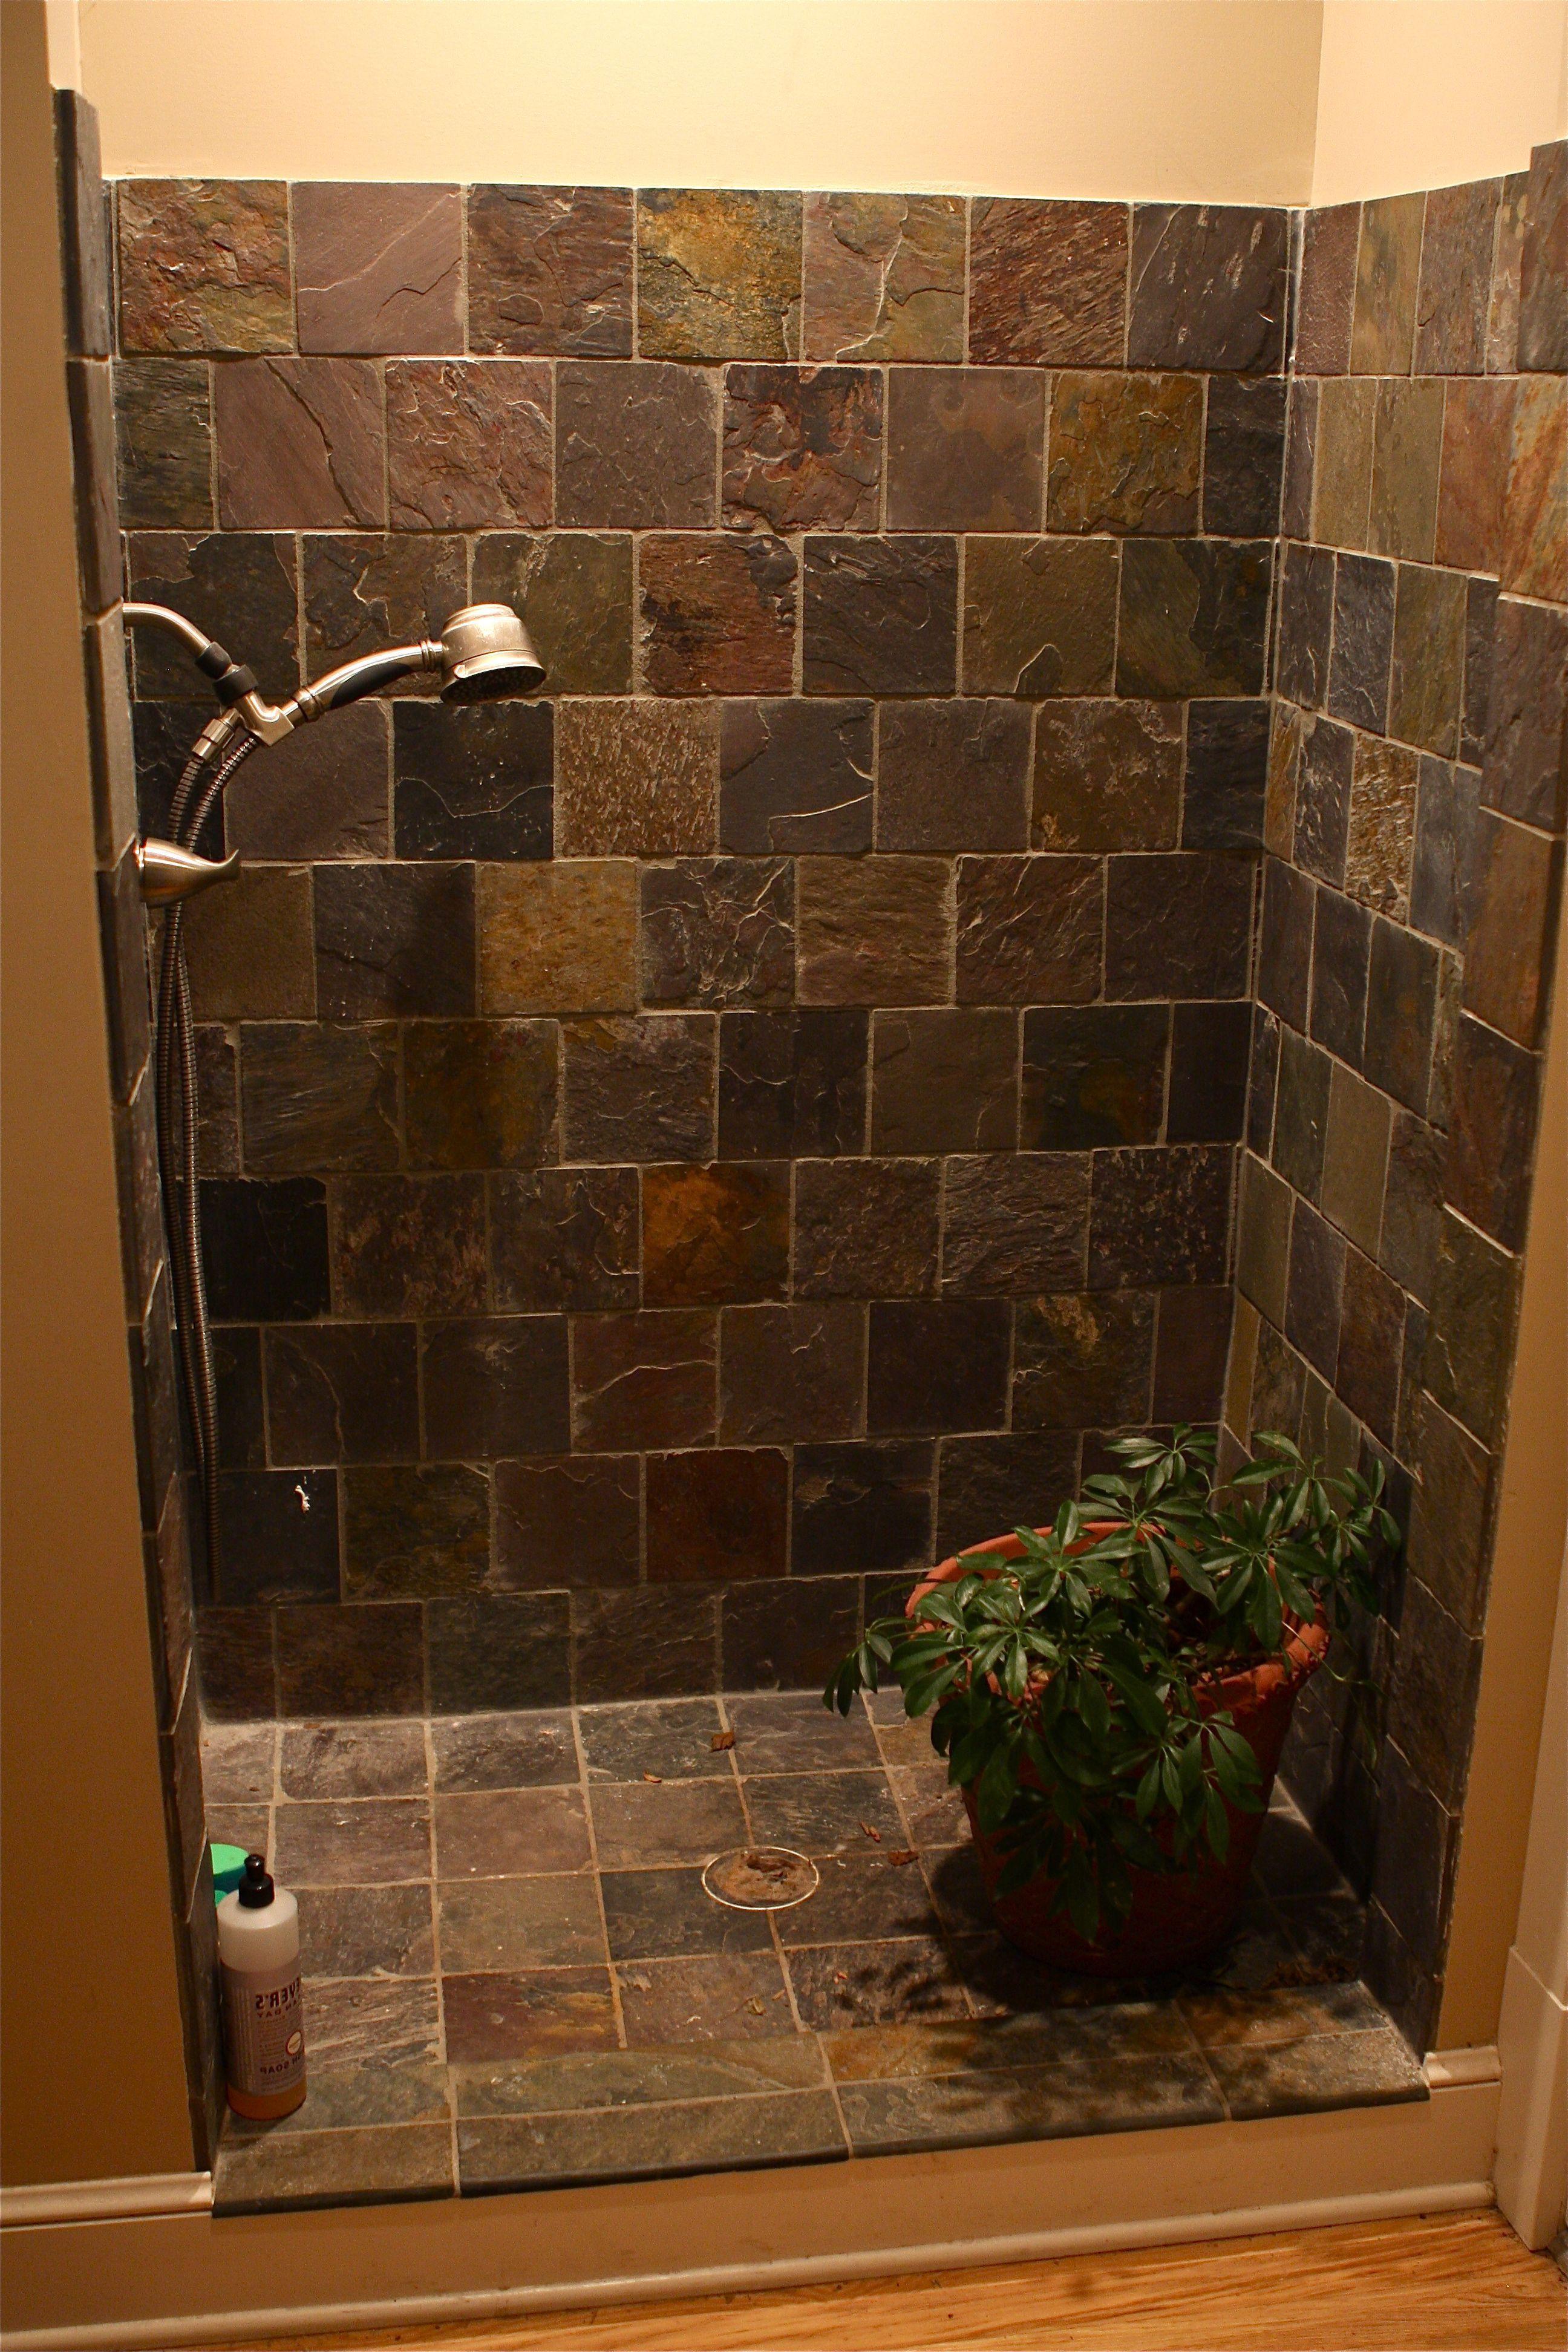 Diy Shower Door Ideas Bathroom With Doorless Shower Designs Doorless Walk In Shower Ideas Bathroom Shower Doors Doorless Shower Doorless Shower Design